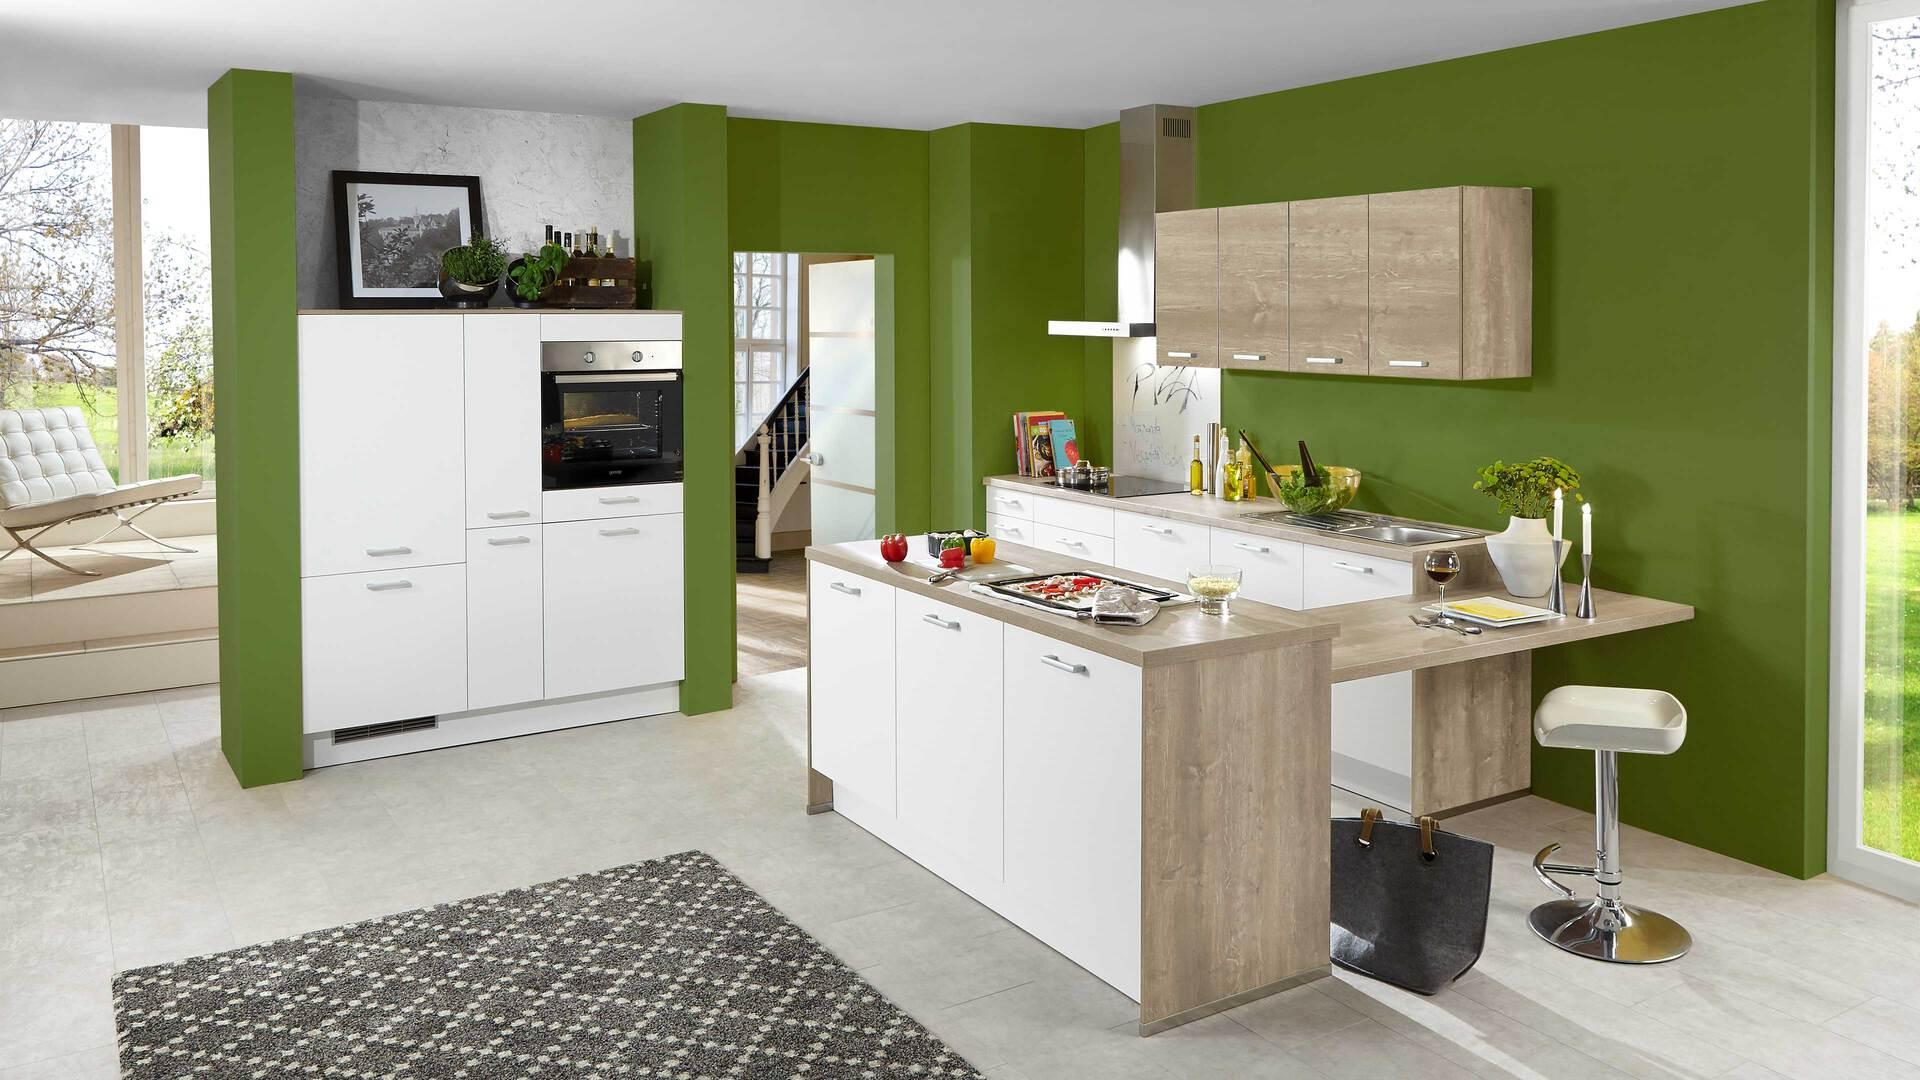 Culineo Küche mit gorenje Einbaugeräten und privileg Haube